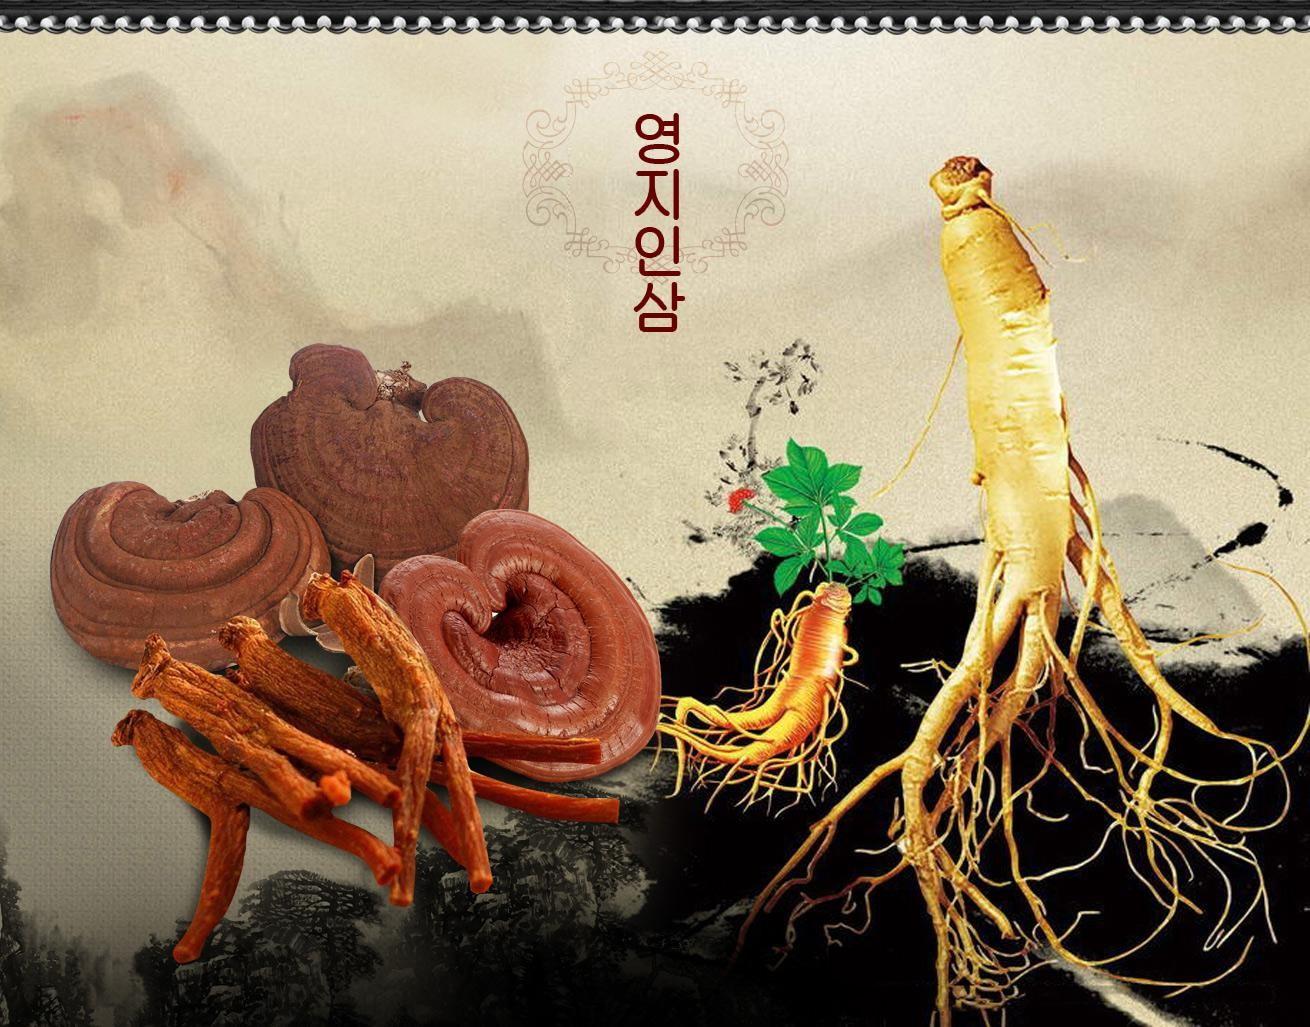 Hồng sâm và linh chi là hai thảo dược quý từ thiên nhiên